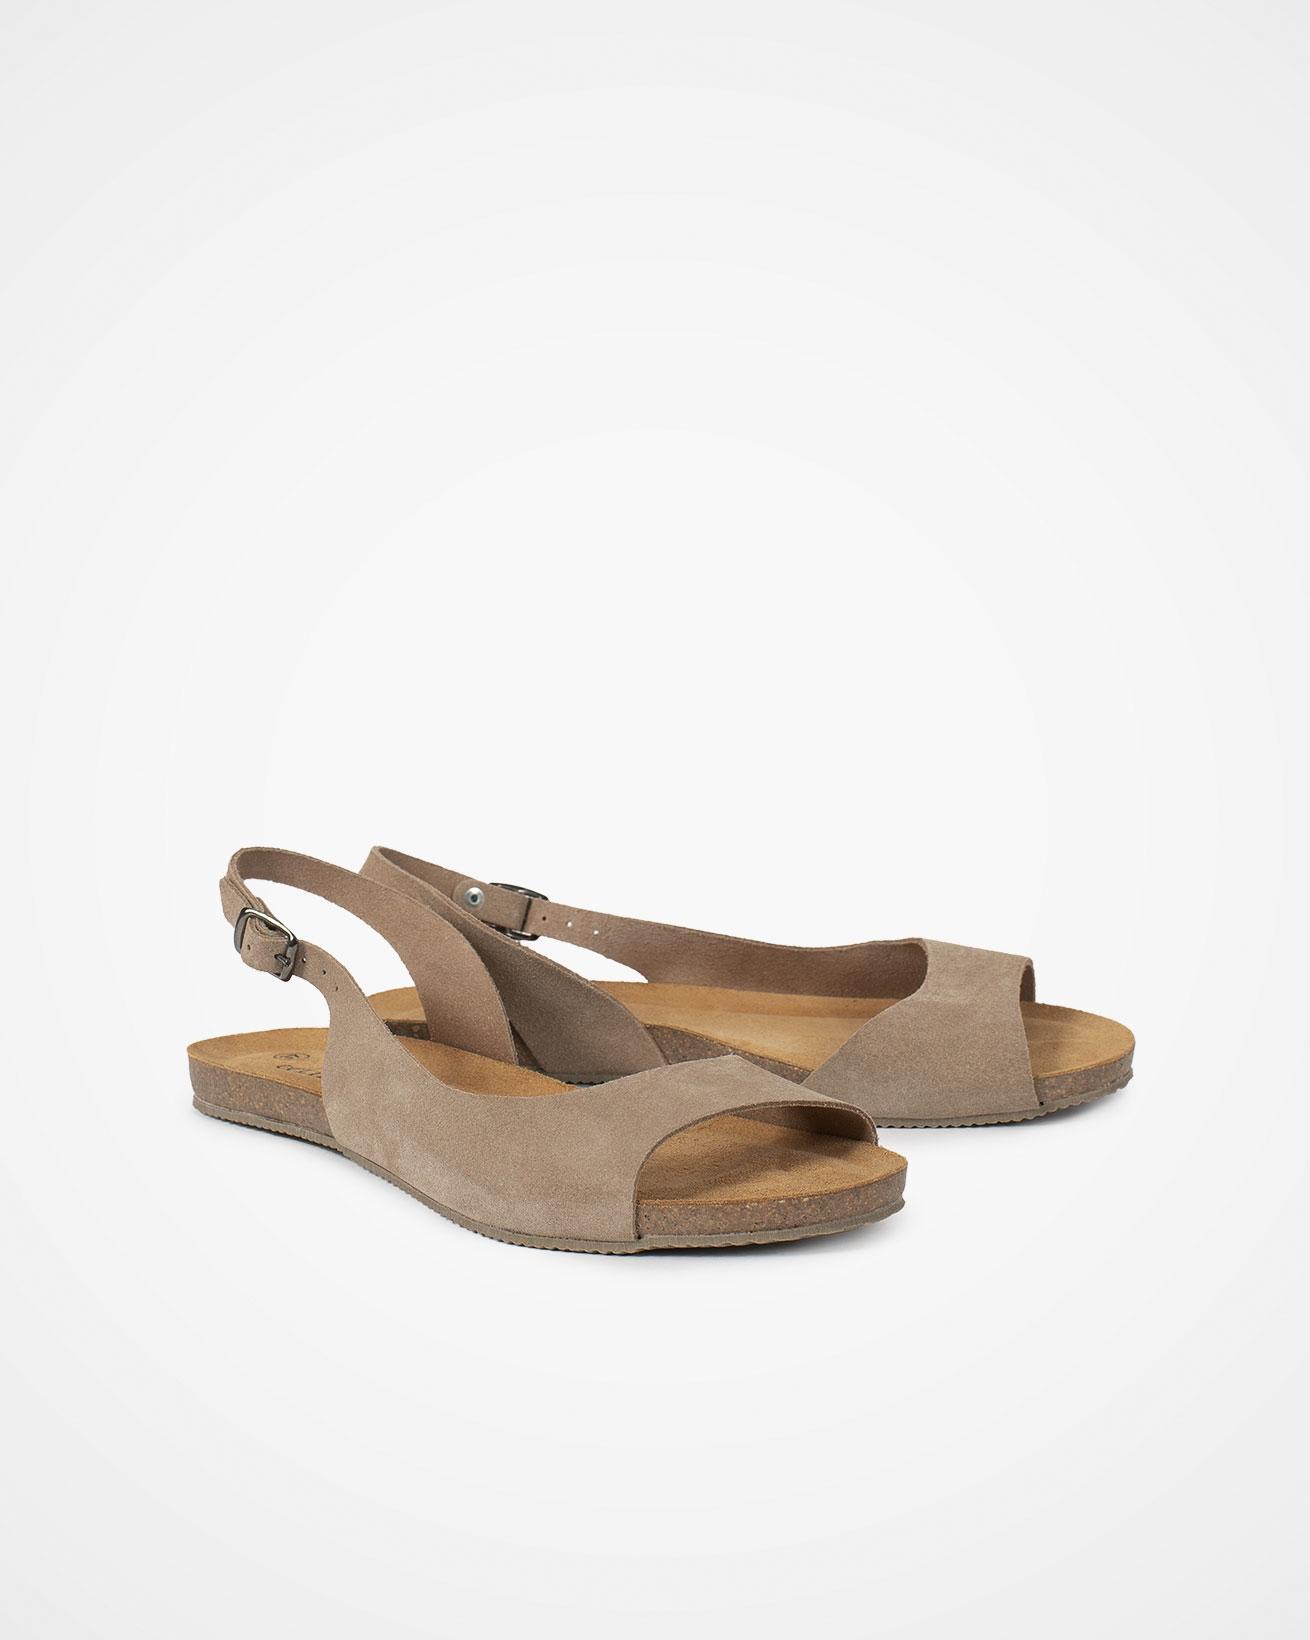 7697_sling-back-flat_sandal_camel_pair.jpg